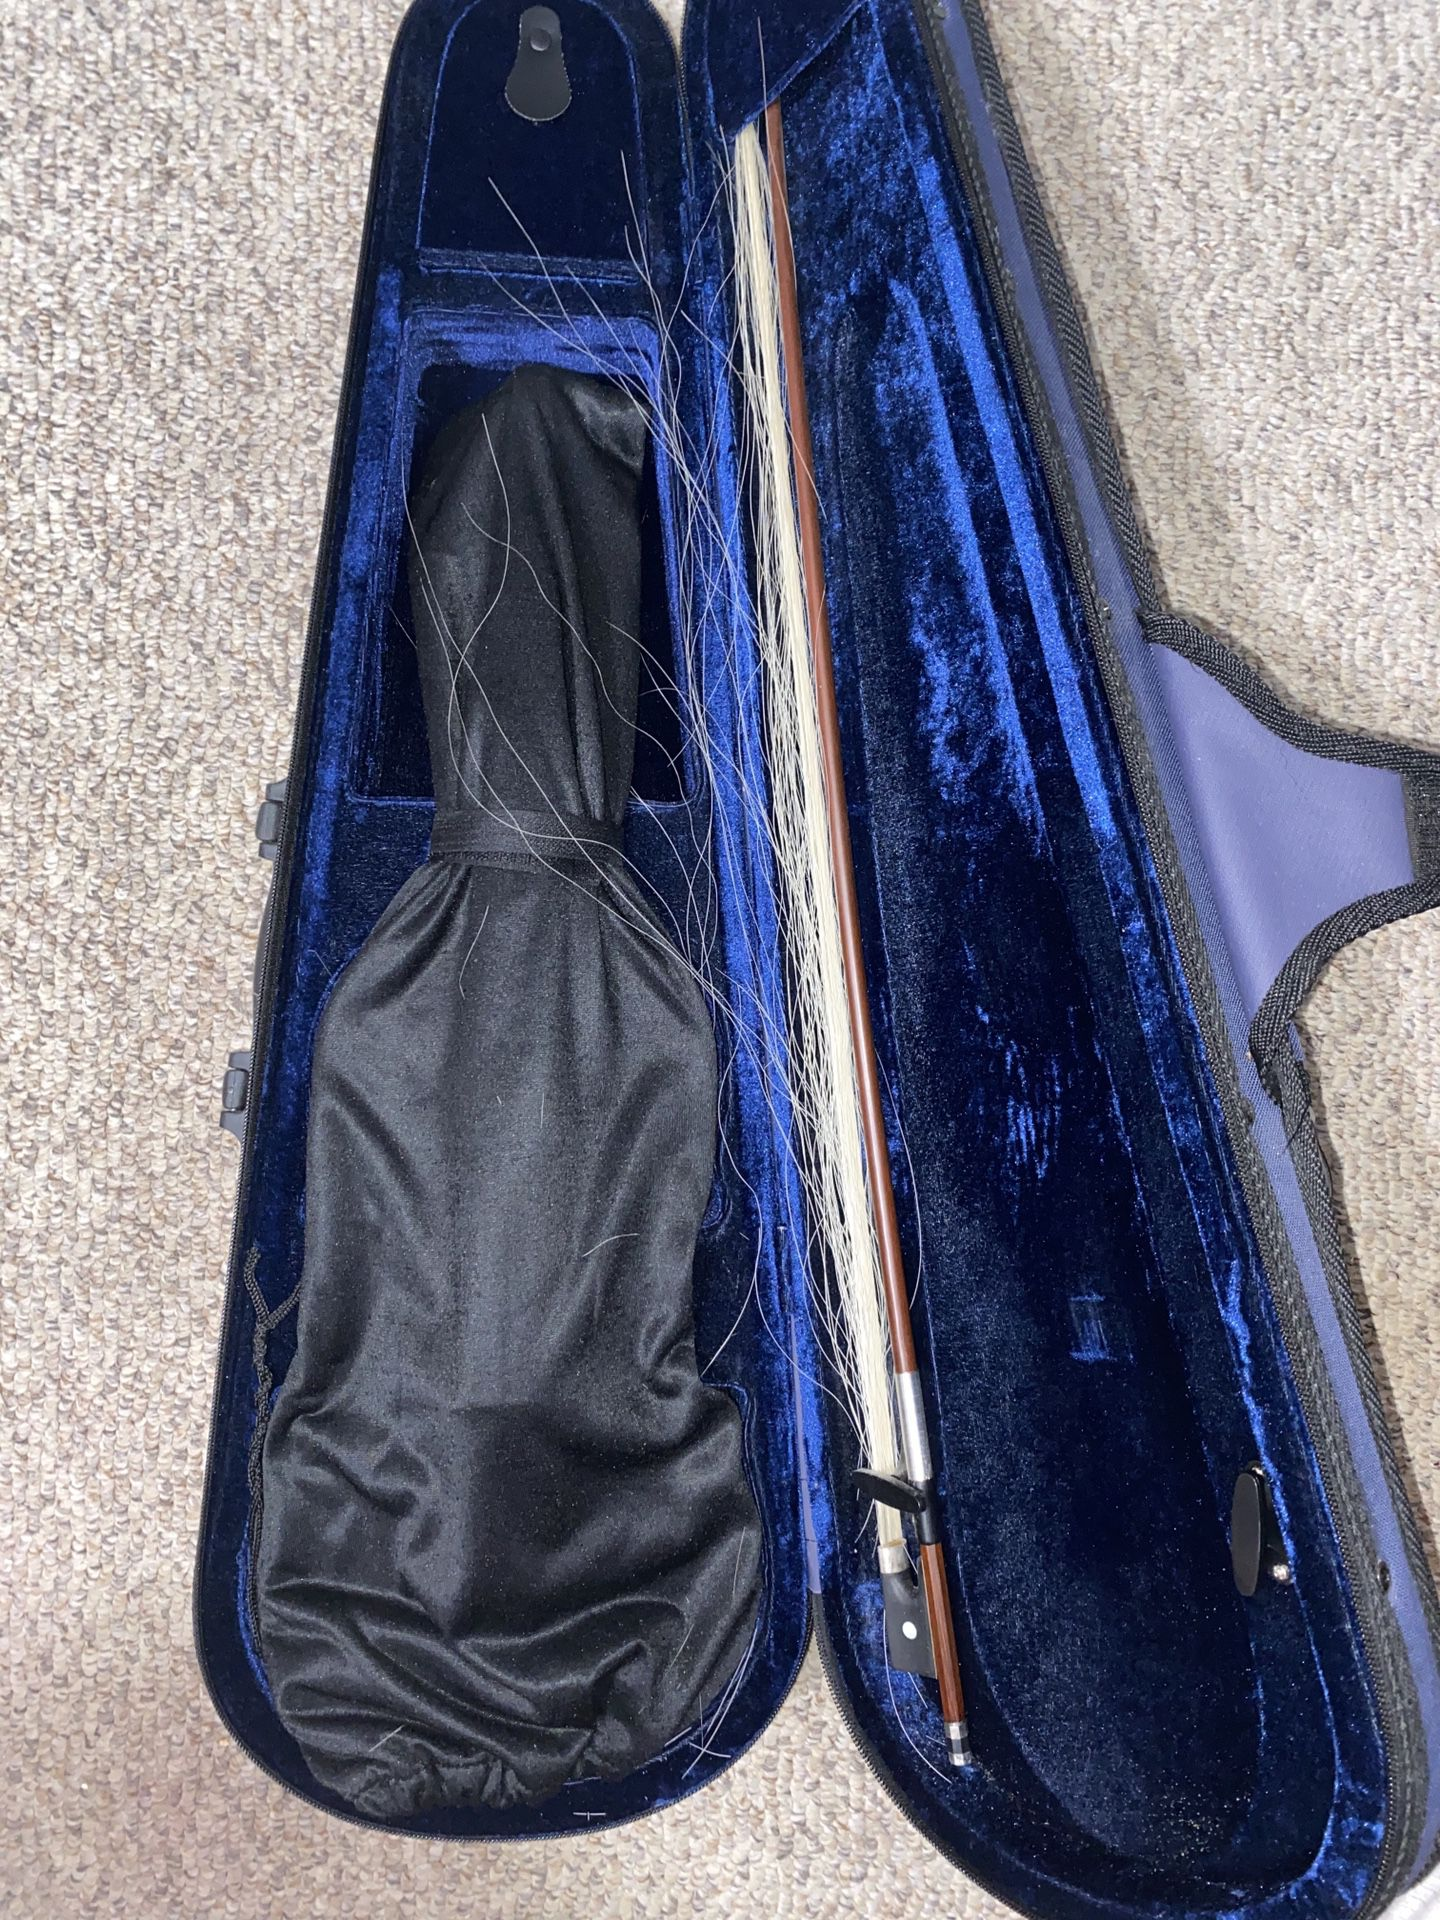 3/4 violin